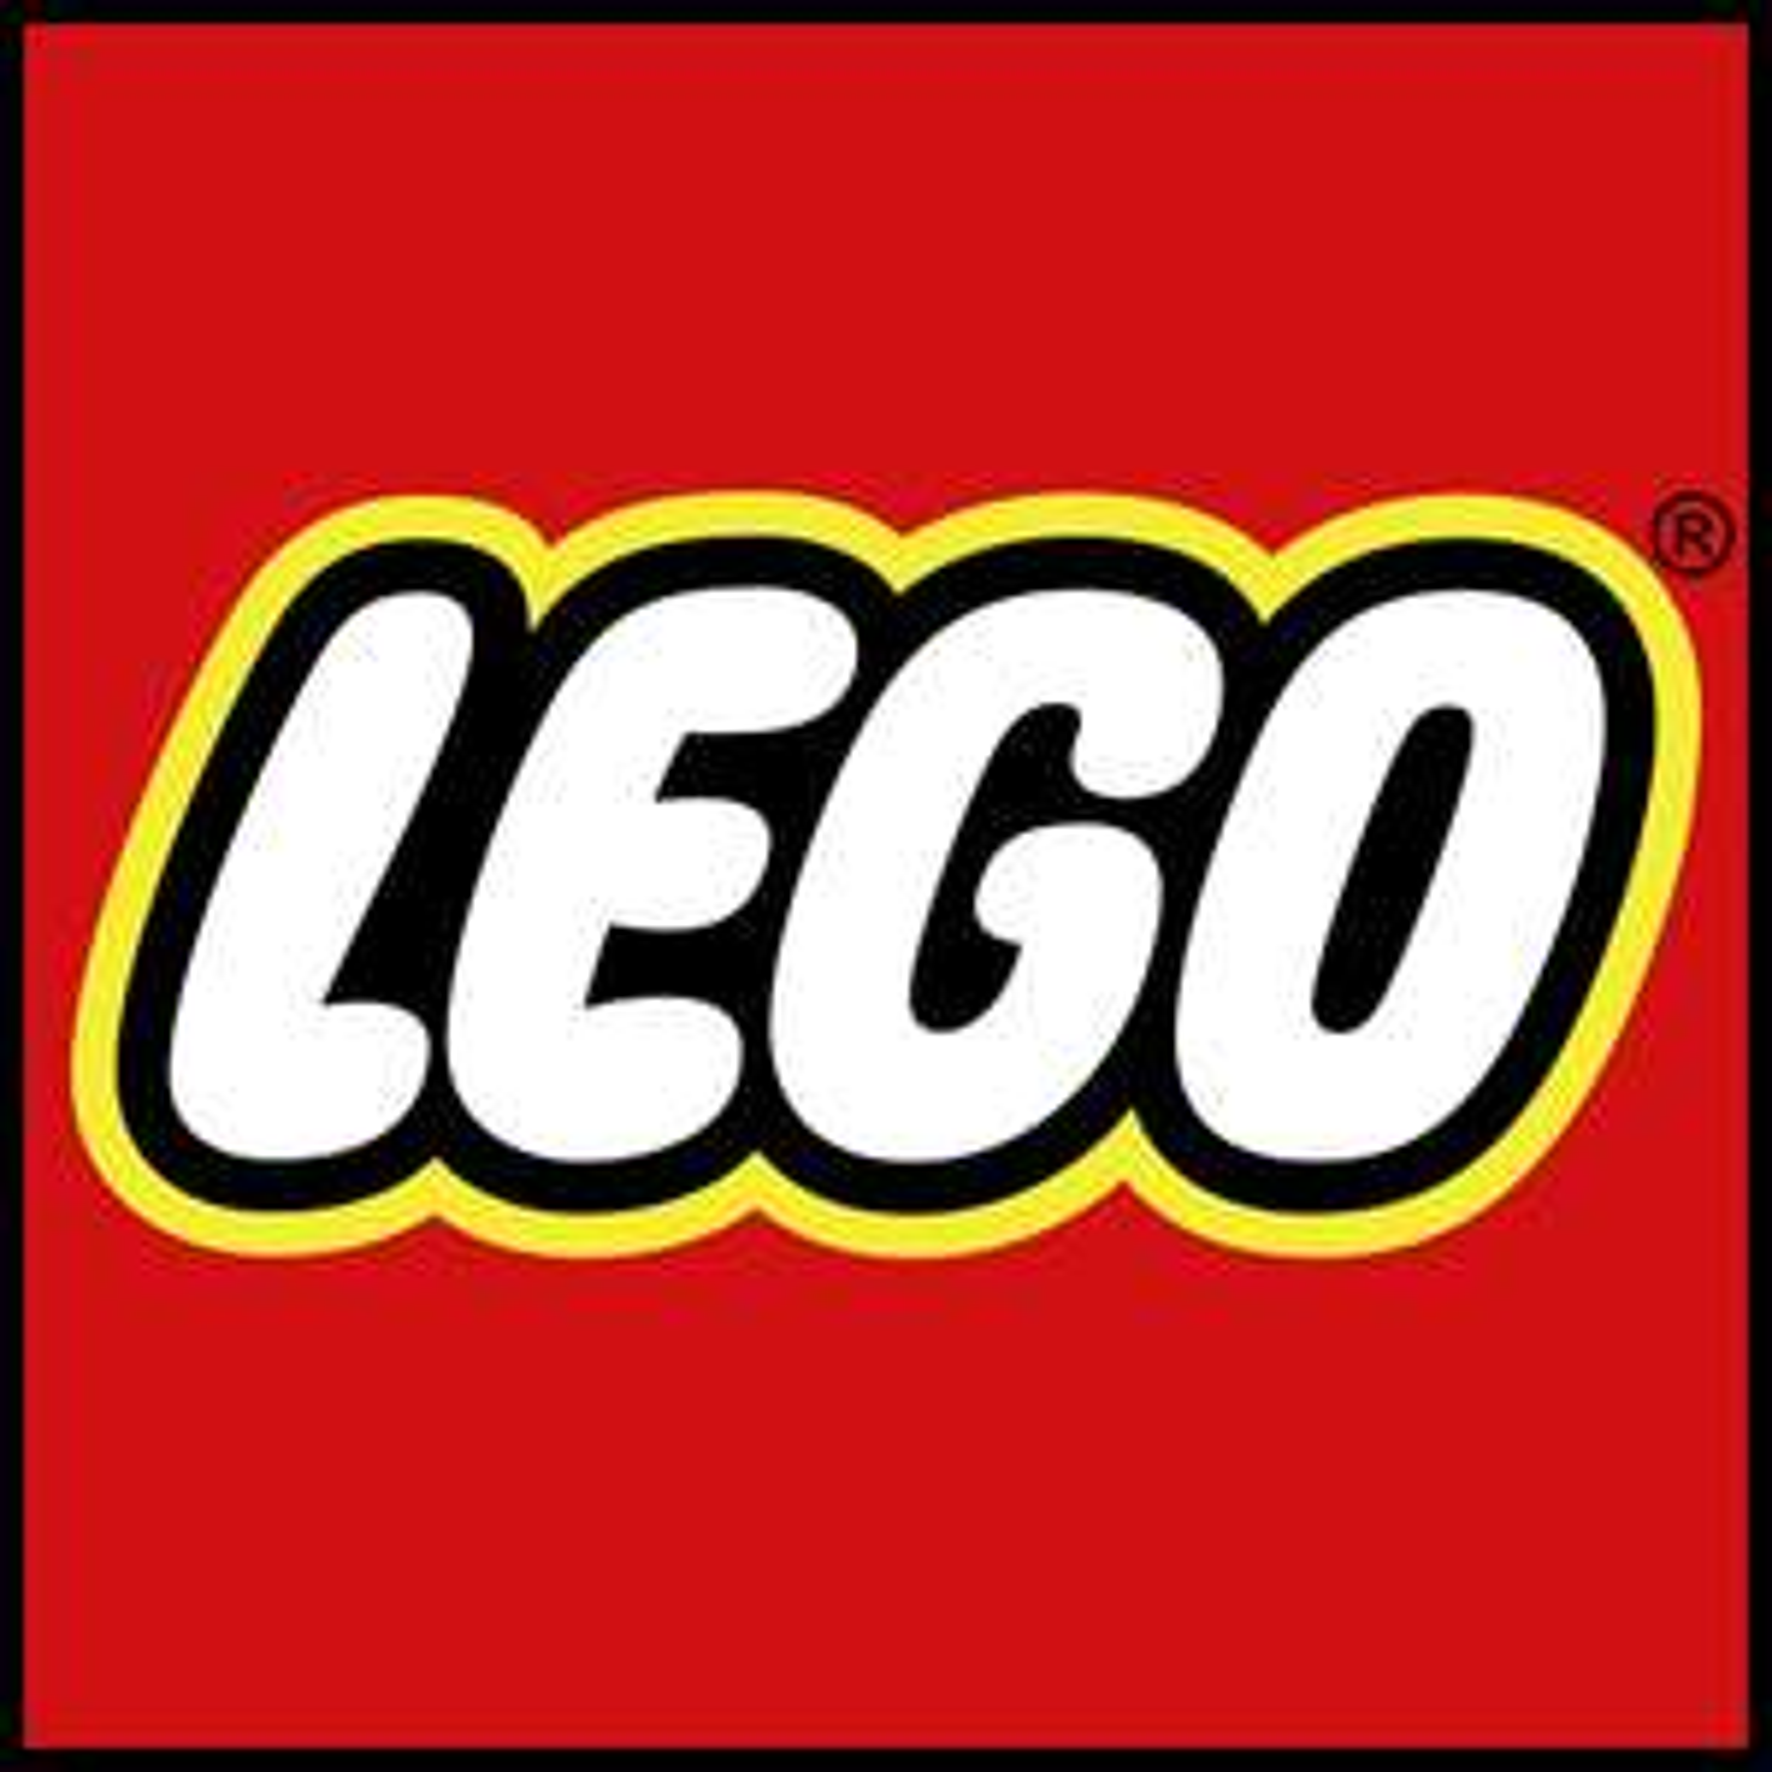 Świąteczny zestaw Lego gratis do zamówienia za minimum 240zł @ Lego